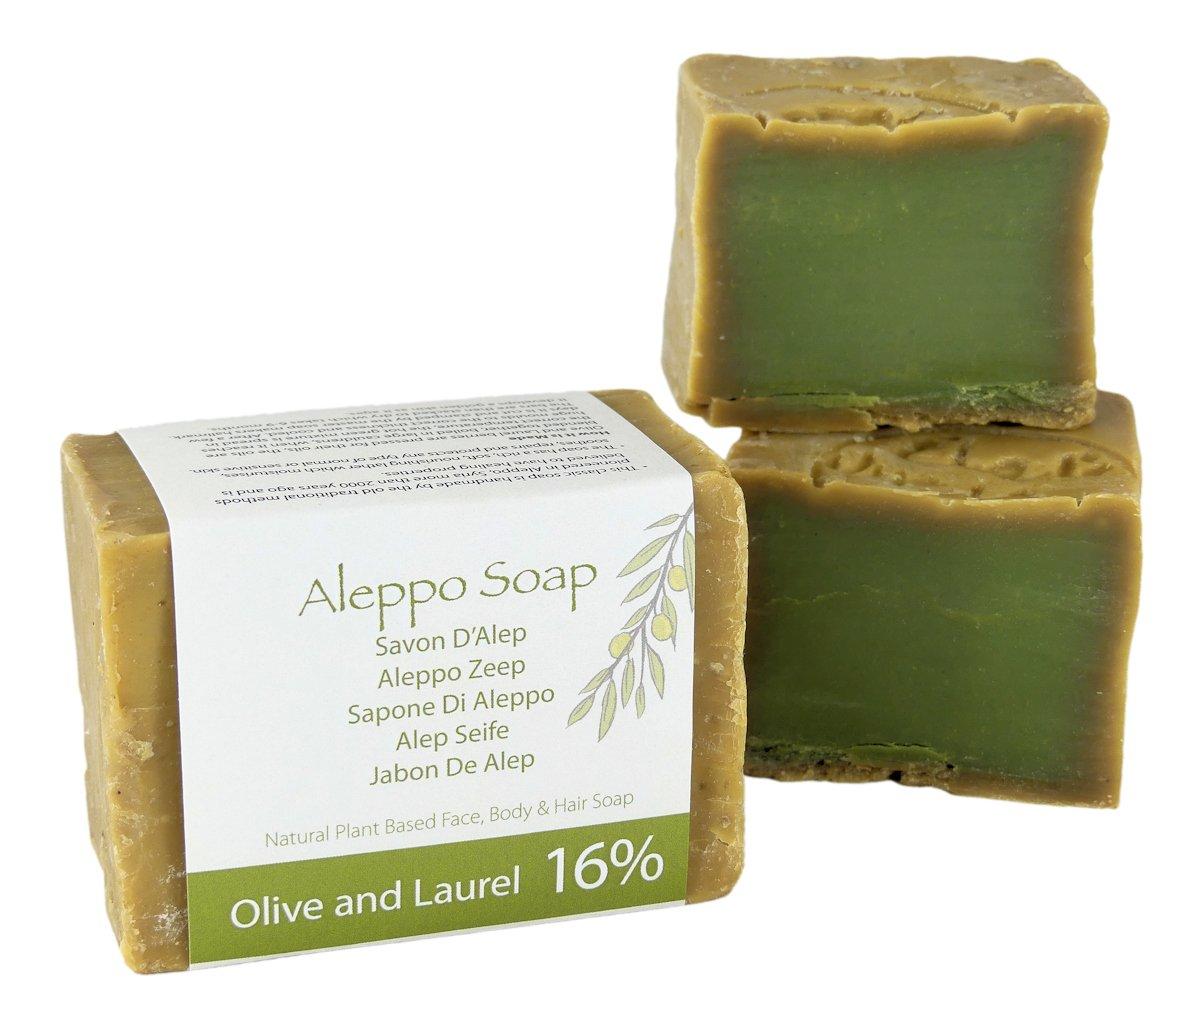 Jabón Natural de Alepo (jabón de Alepo tradicional, hecho a mano) con aceite de oliva y laurel 200g Green Bear UK